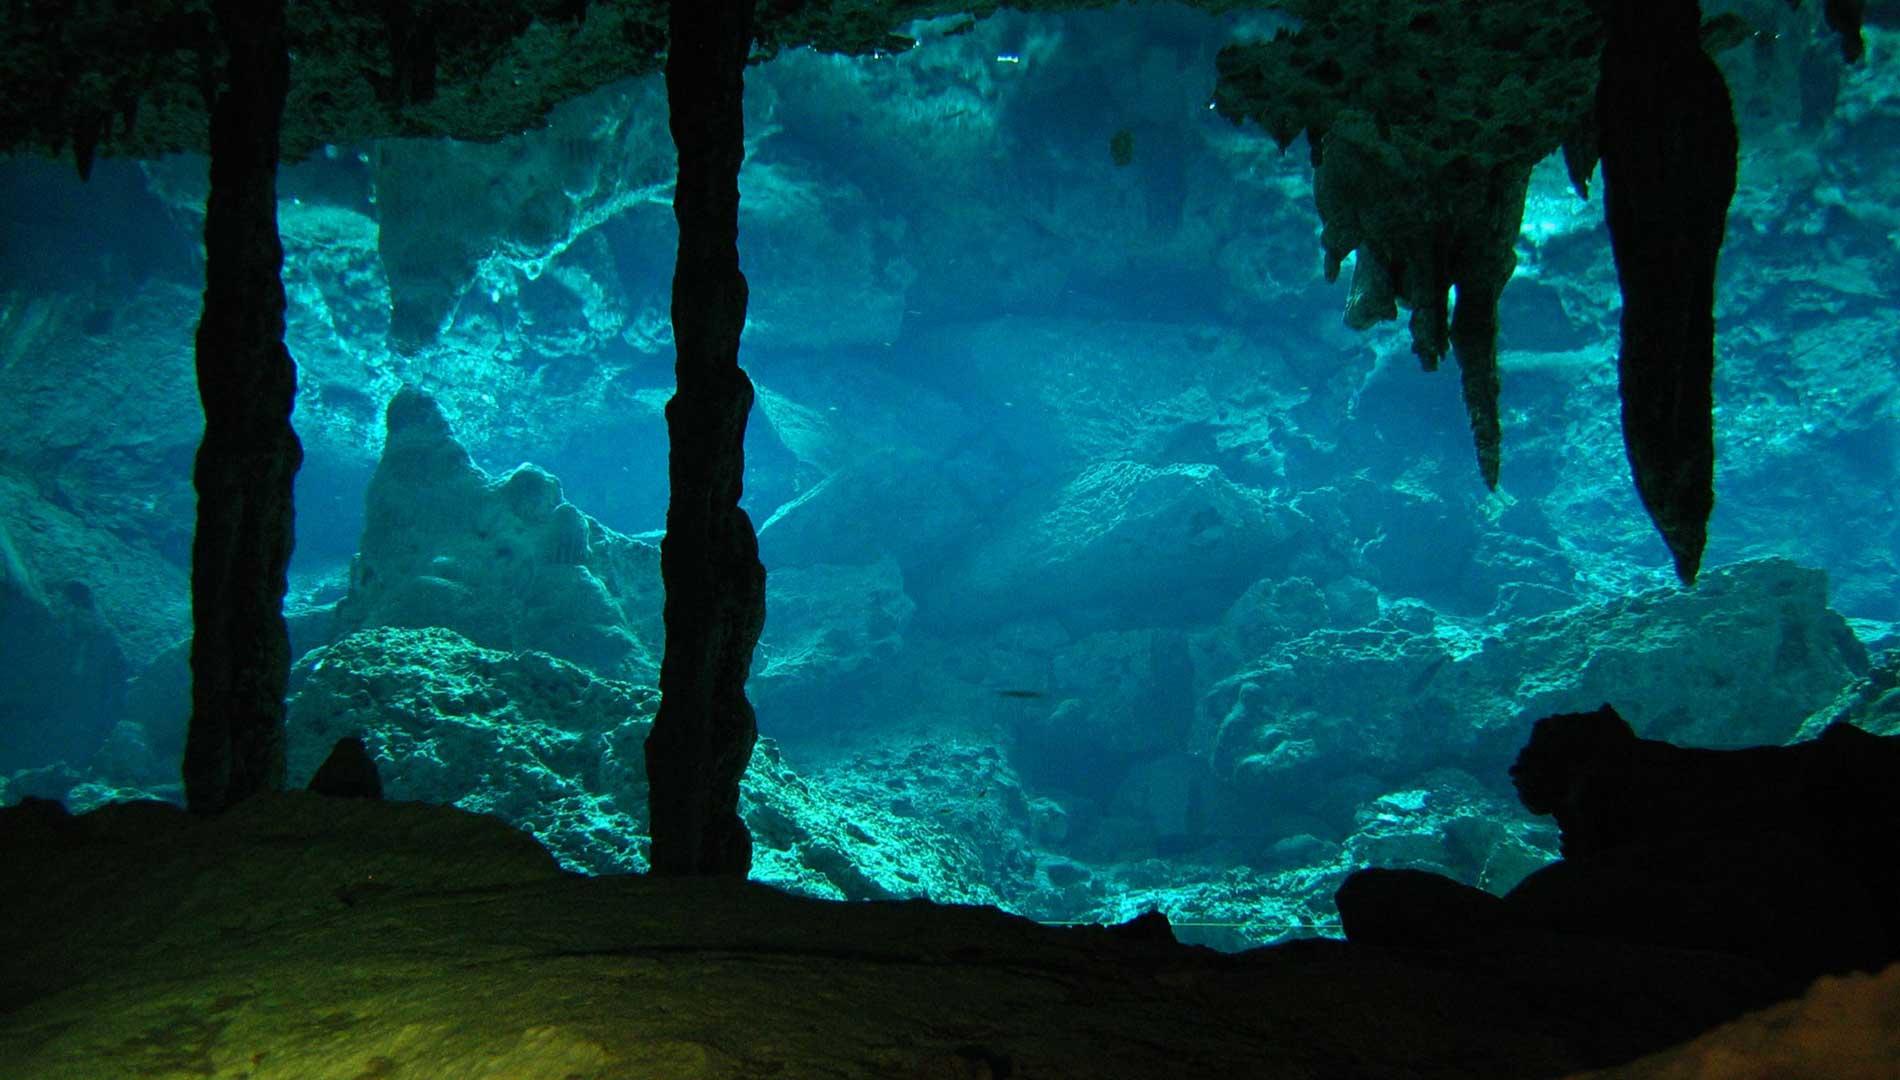 [Bazilia] La magie des océans [PV. Tempest] Cenote2OjosATCScubaDiving